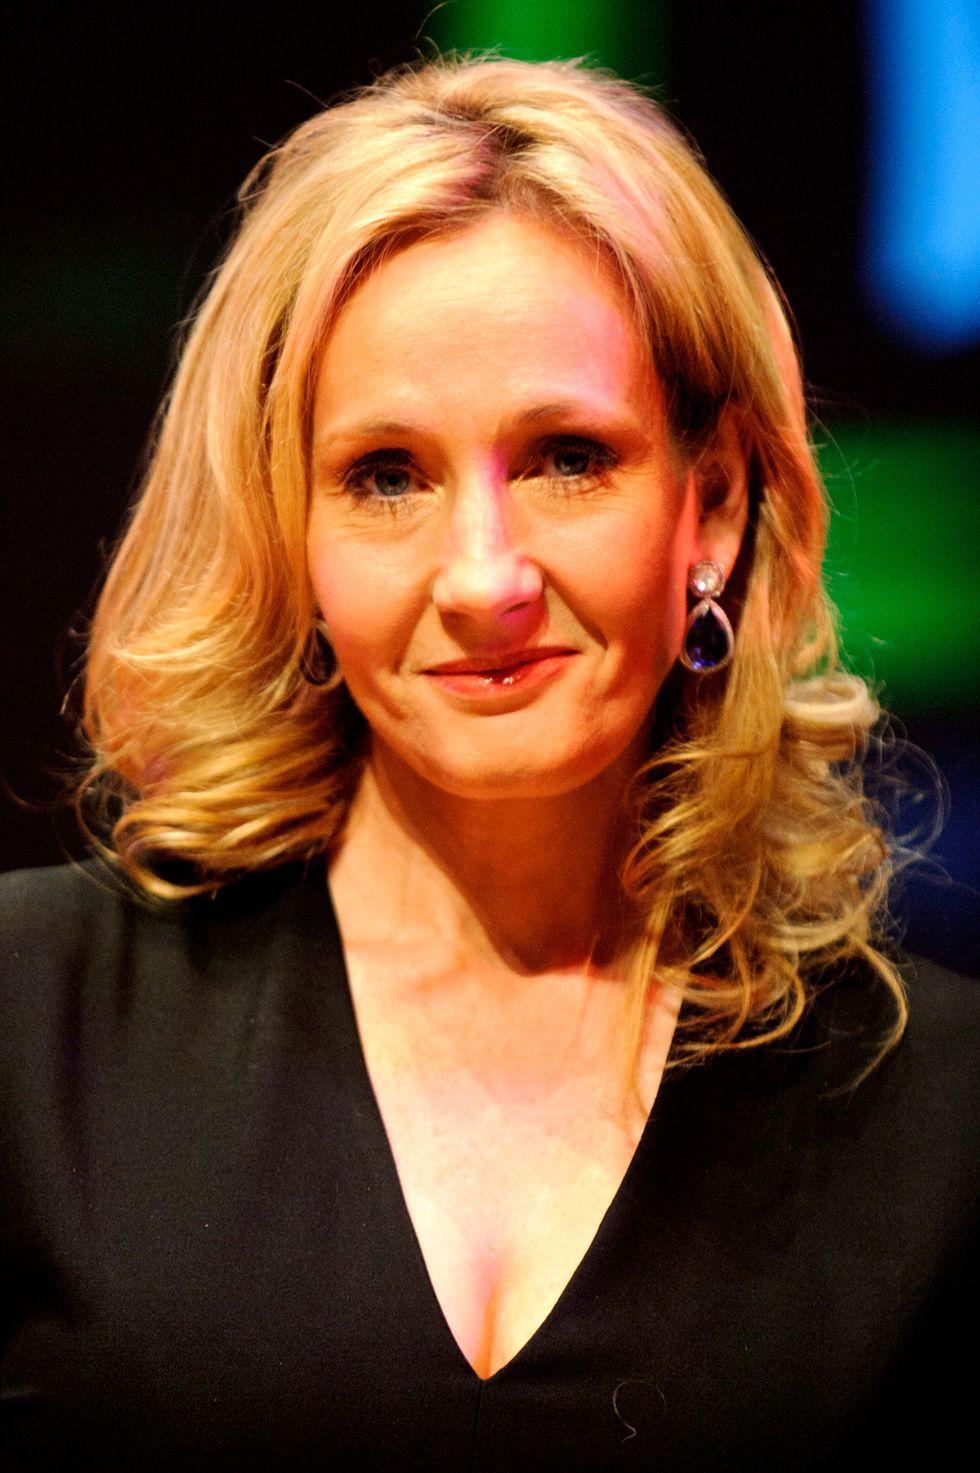 J.K. Rowling è Robert Galbraith: ecco come è stata smascherata